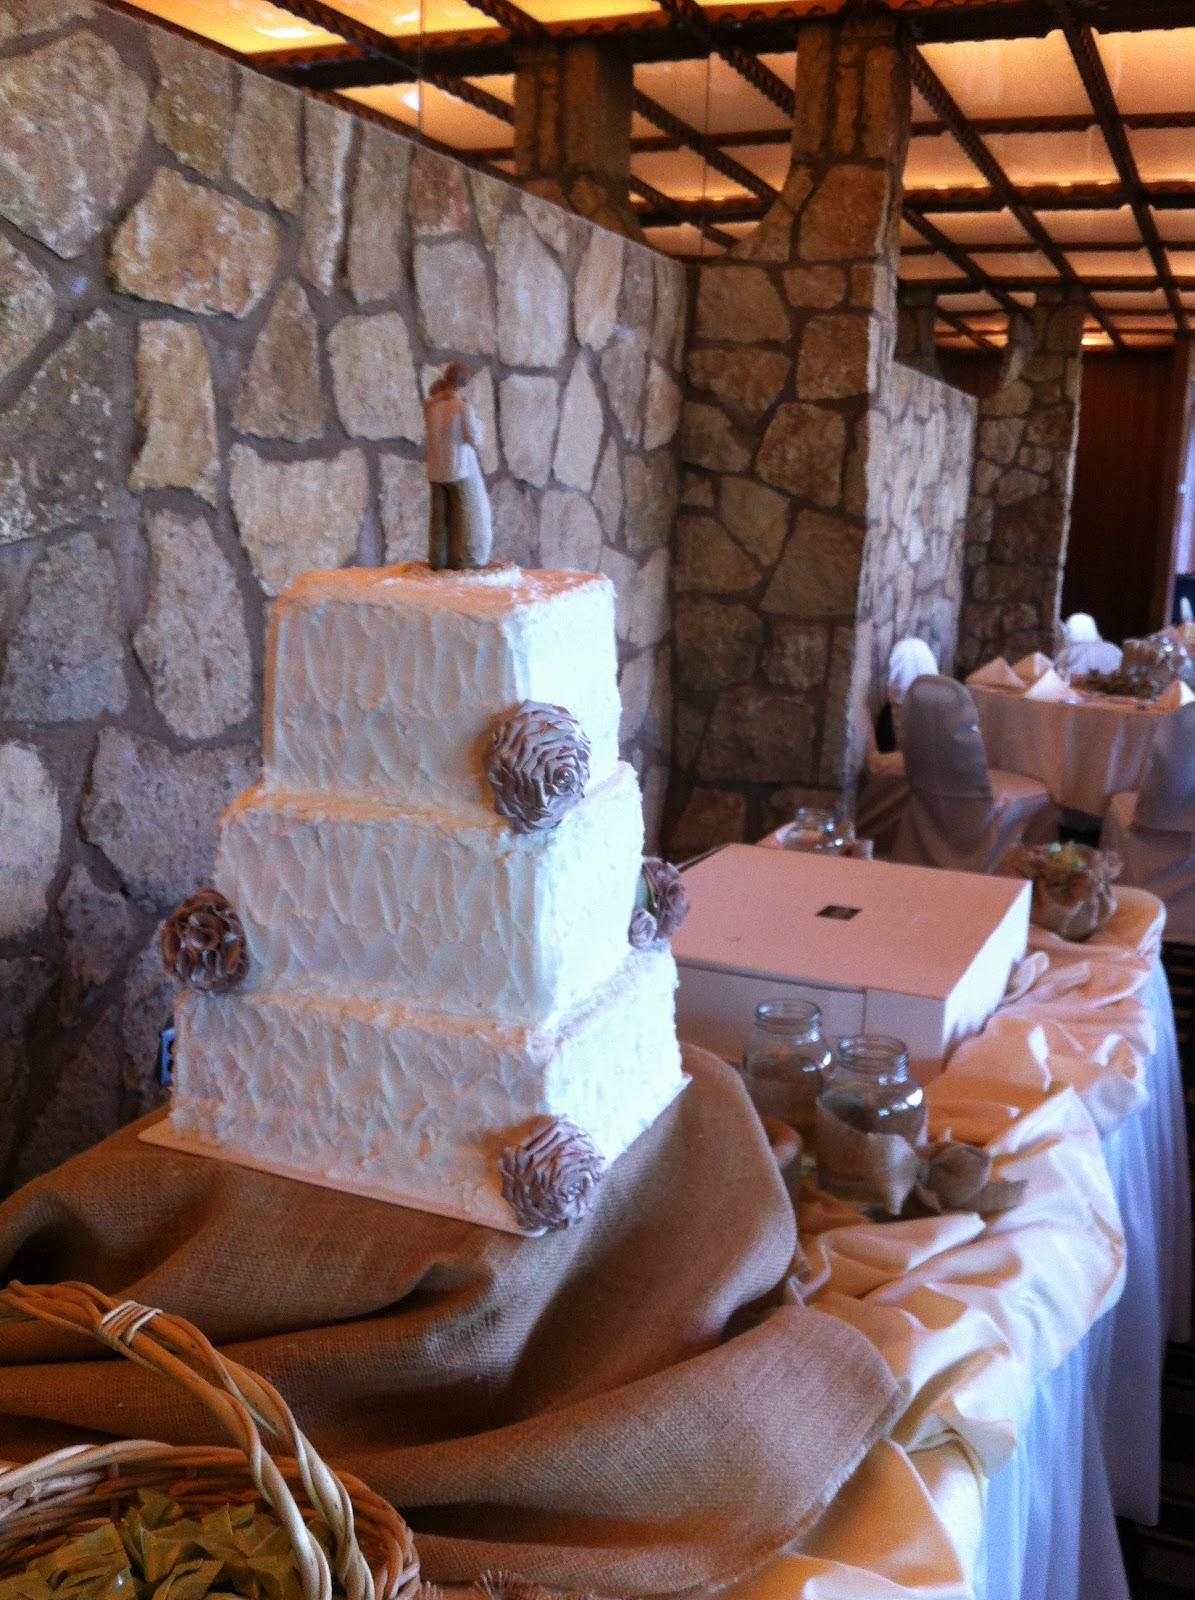 Wedding Cakes In Stillwater Ok